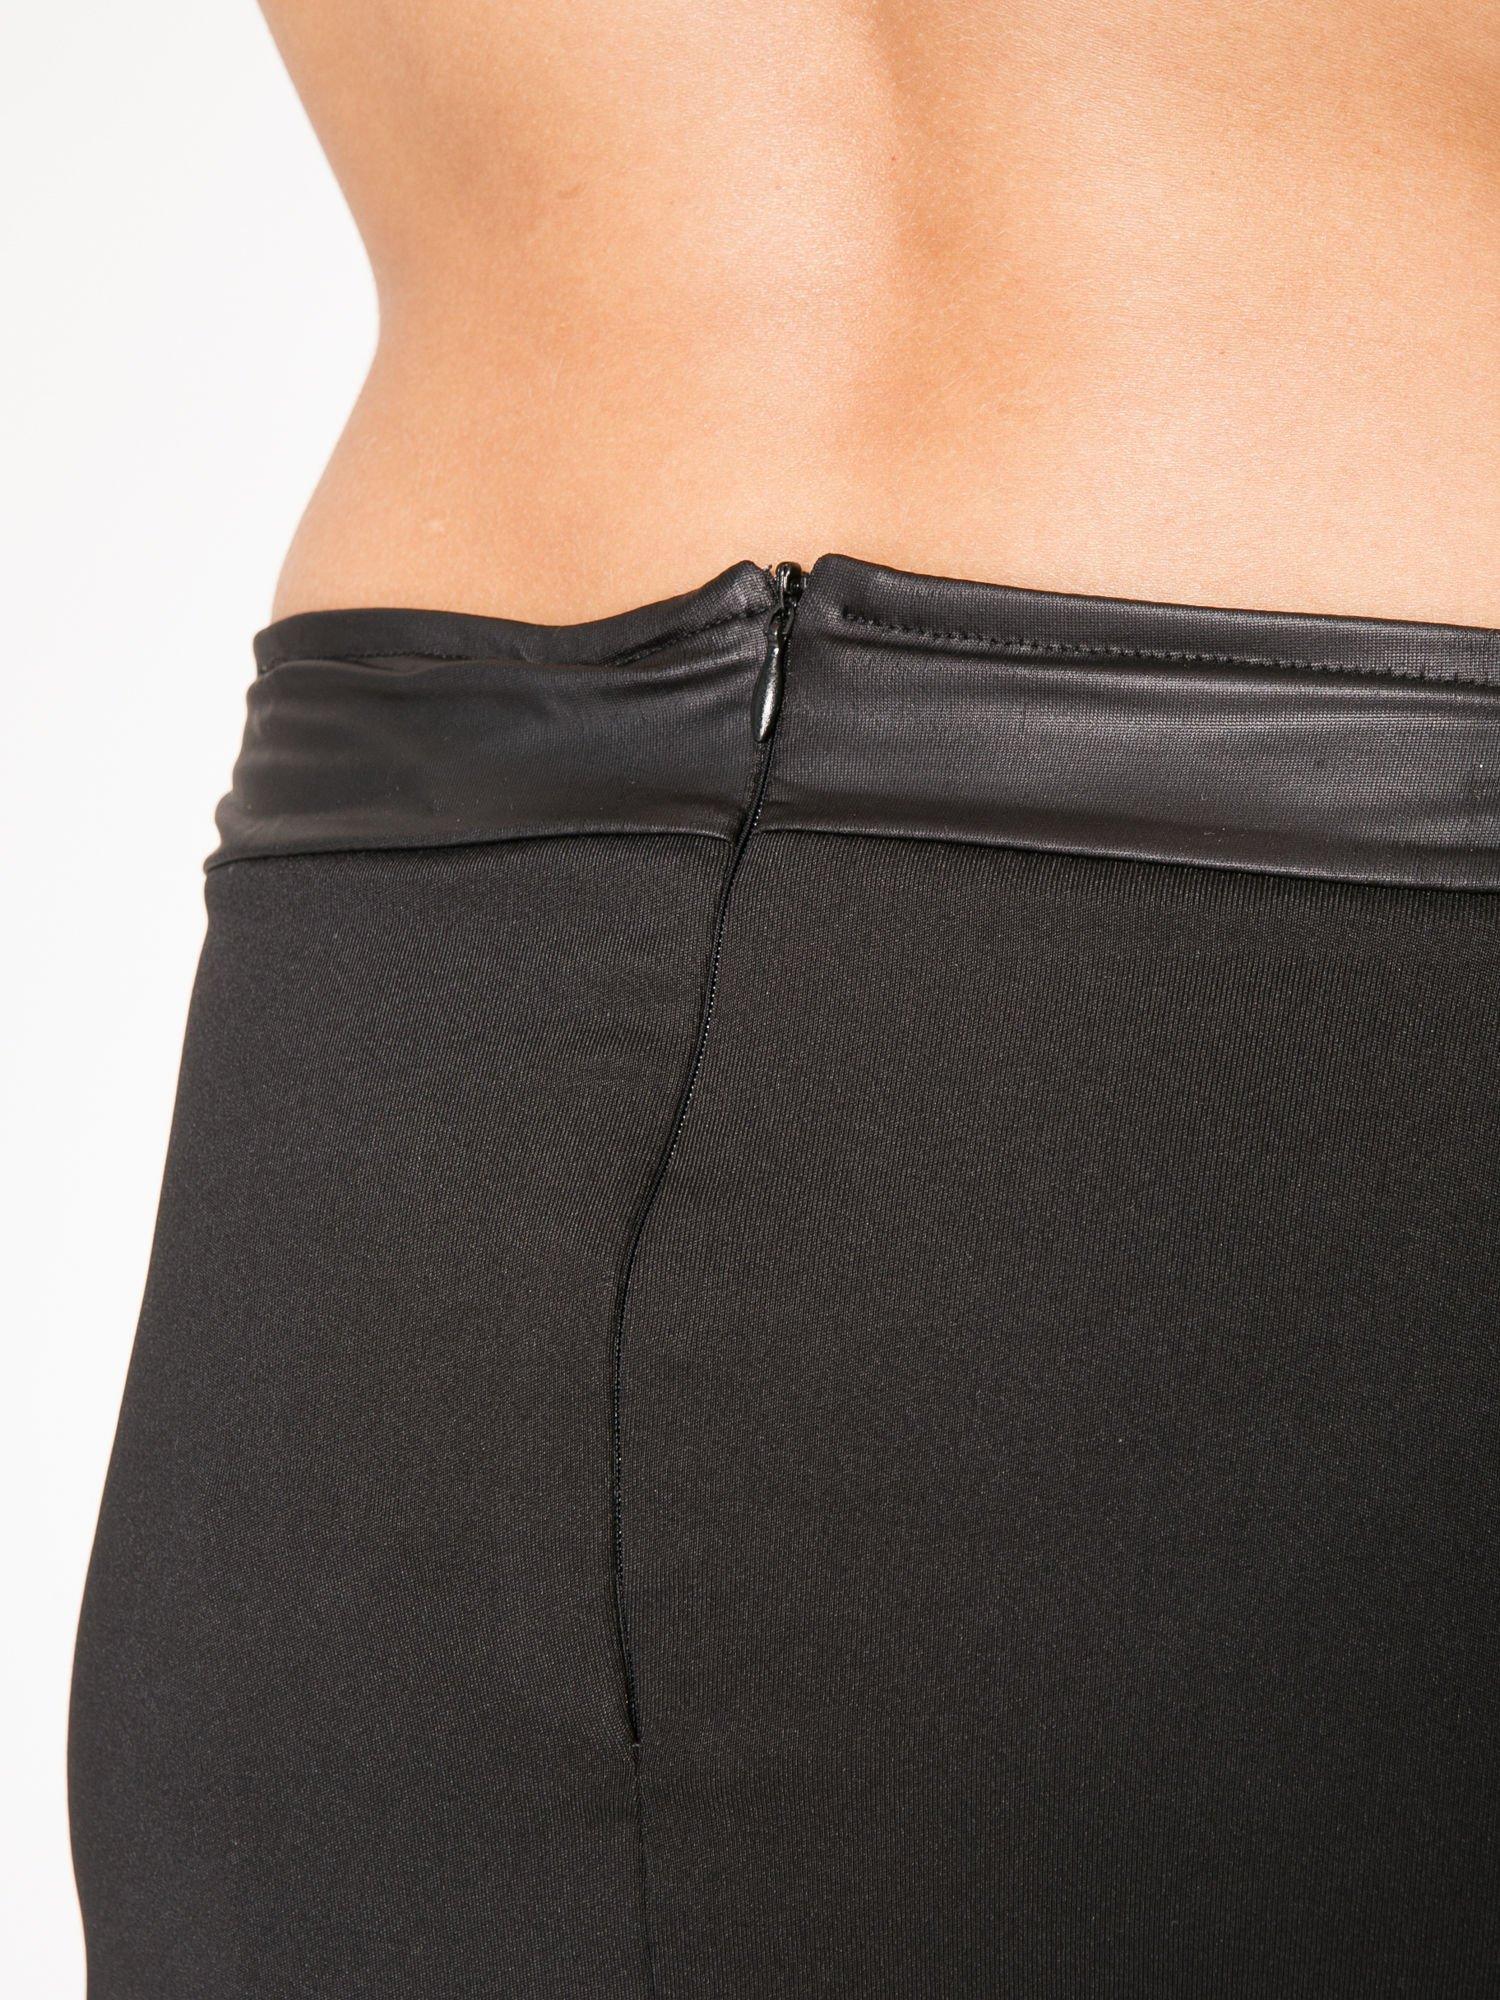 Czarna spódnica kopertowa ze skórzanym pasem                                  zdj.                                  6